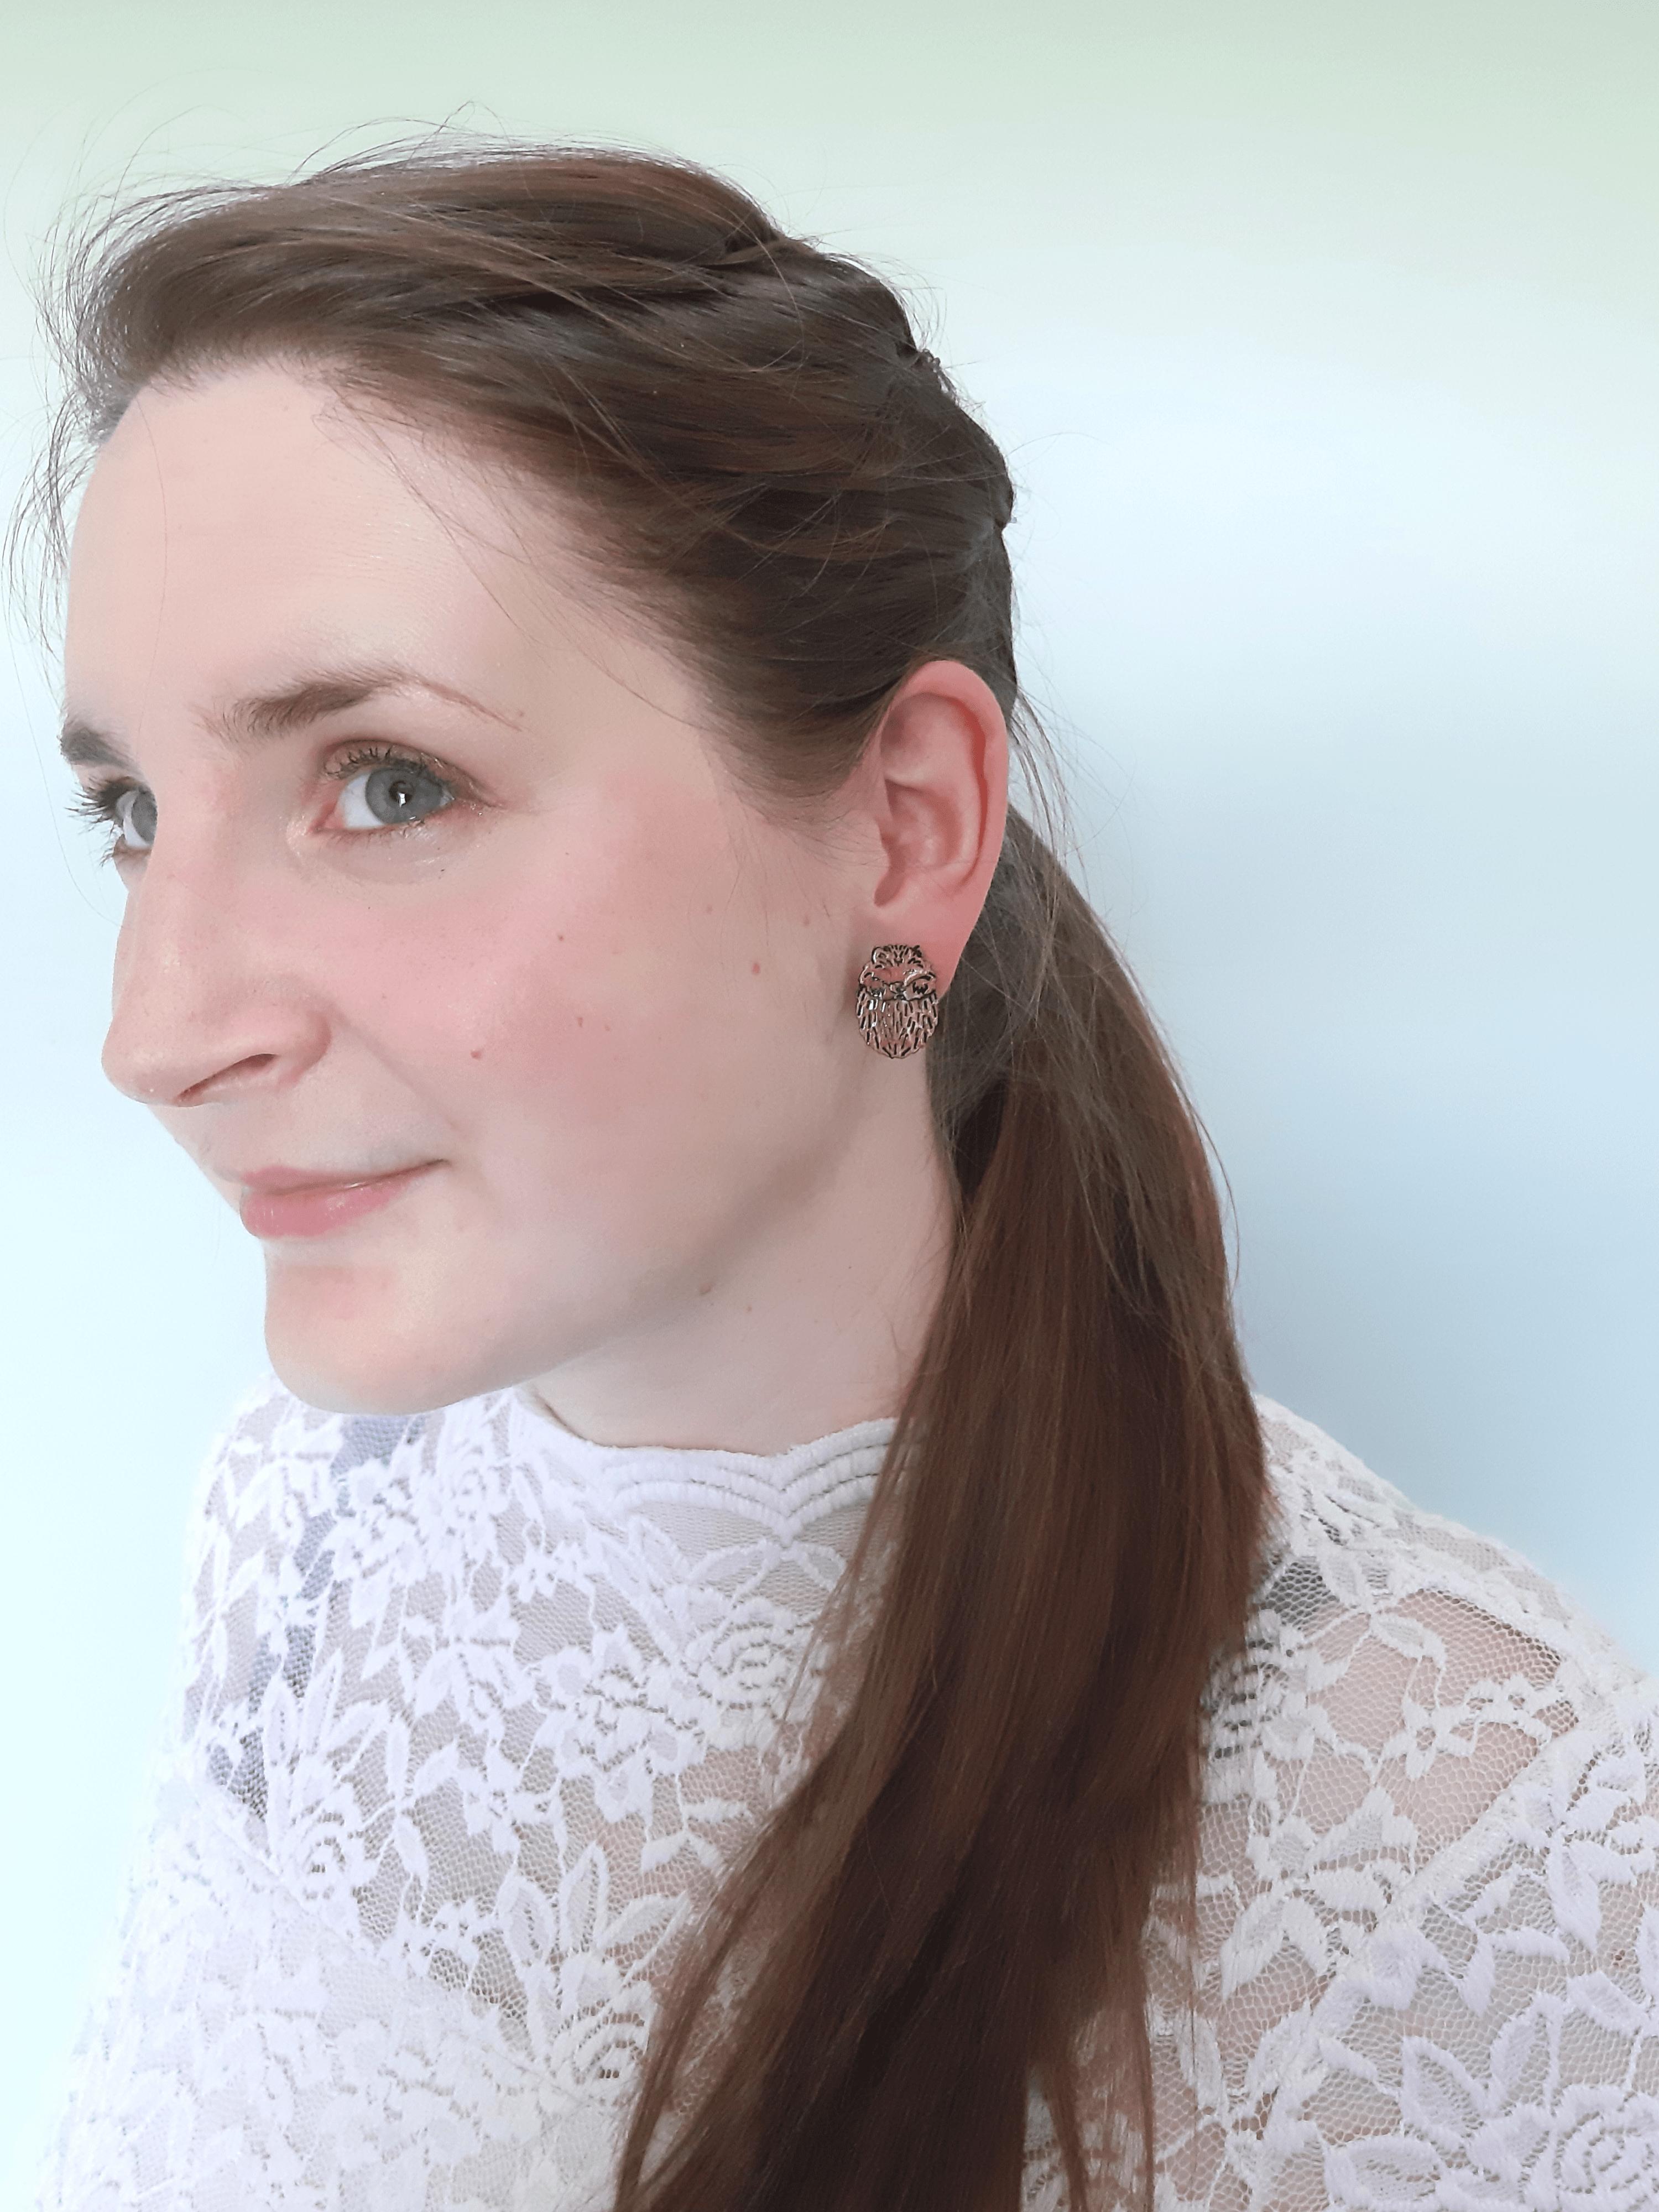 Hedgehog - Stud Earring